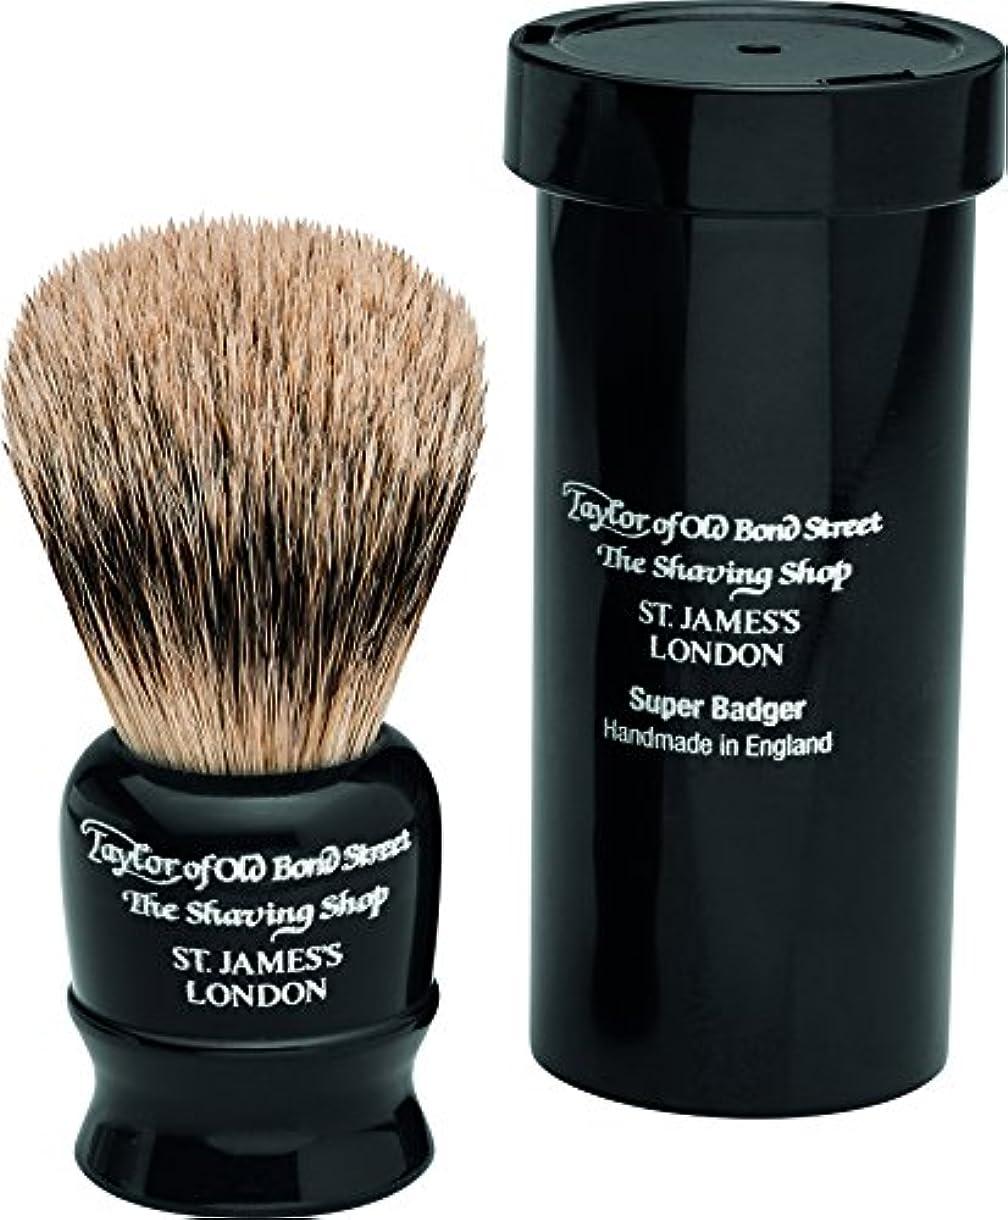 過敏なペグ病院Travel Super Badger Shaving Brush, 8,25 cm, black - Taylor of old Bond Street